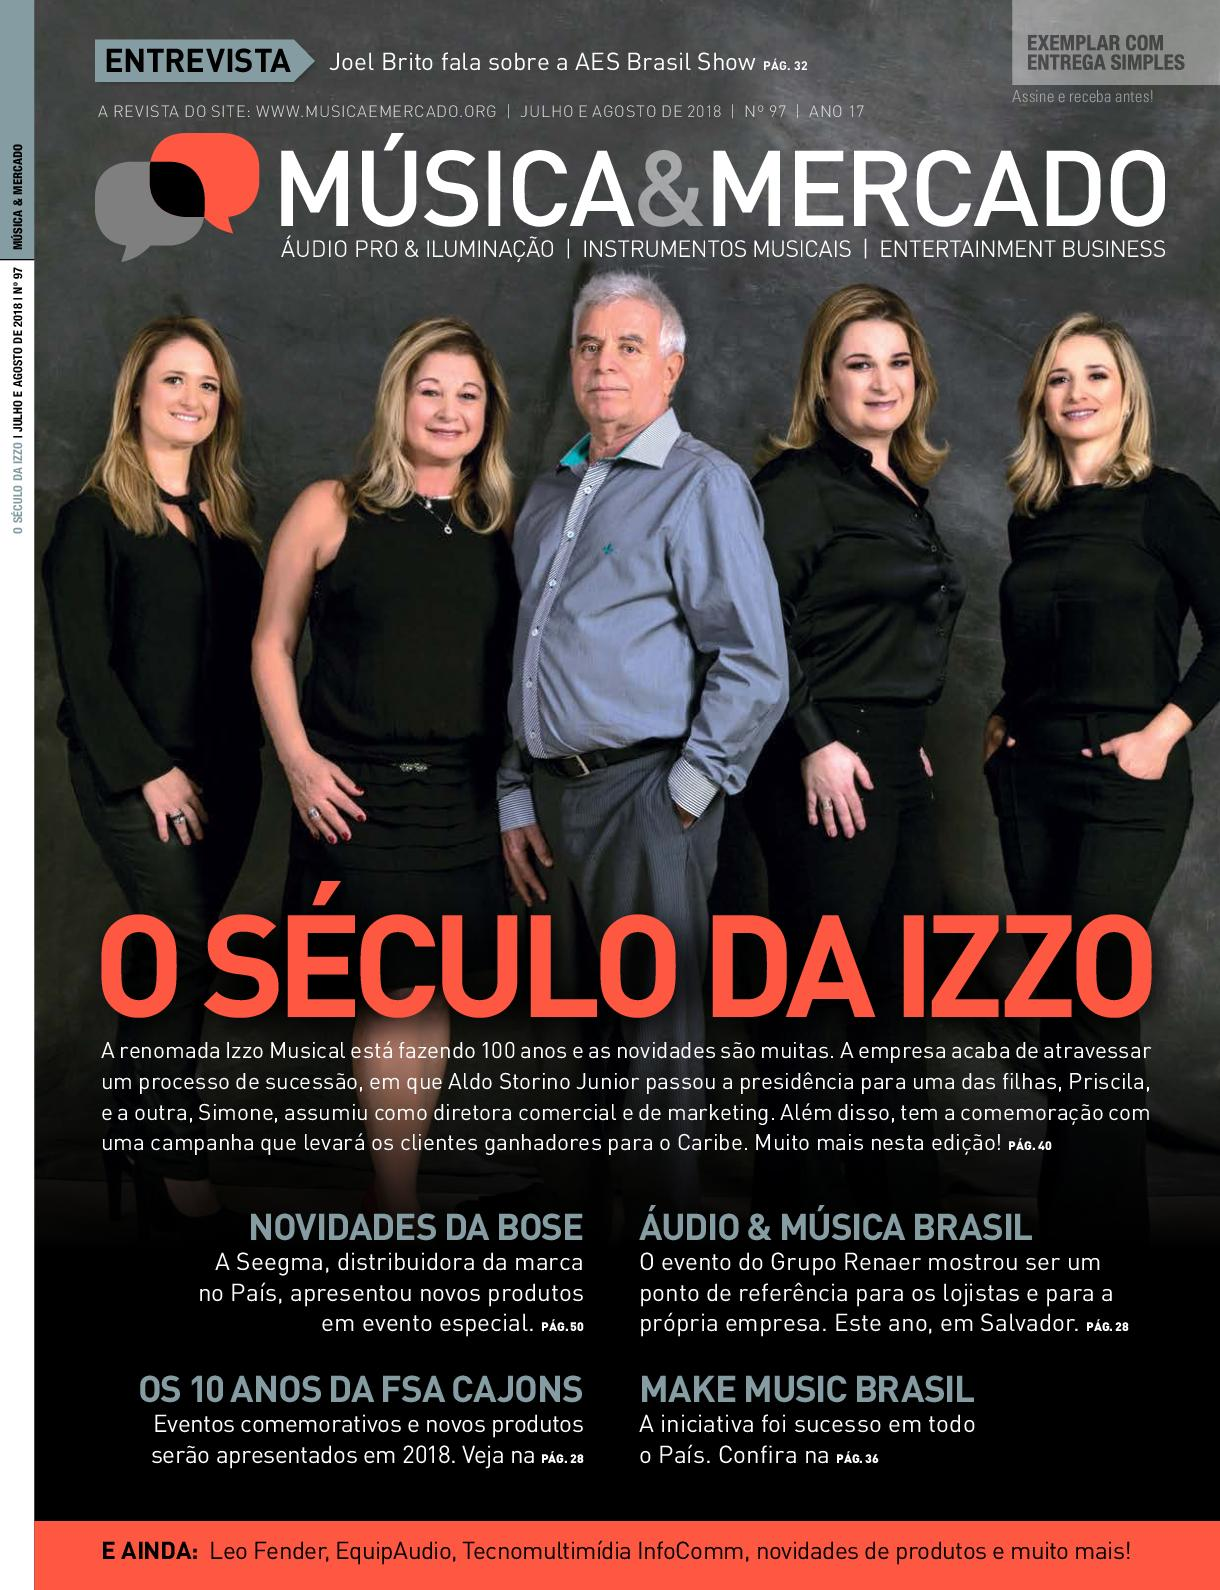 Calaméo -  97 - JULHO AGOSTO 2018 - Música   Mercado em português 7a406869d692d